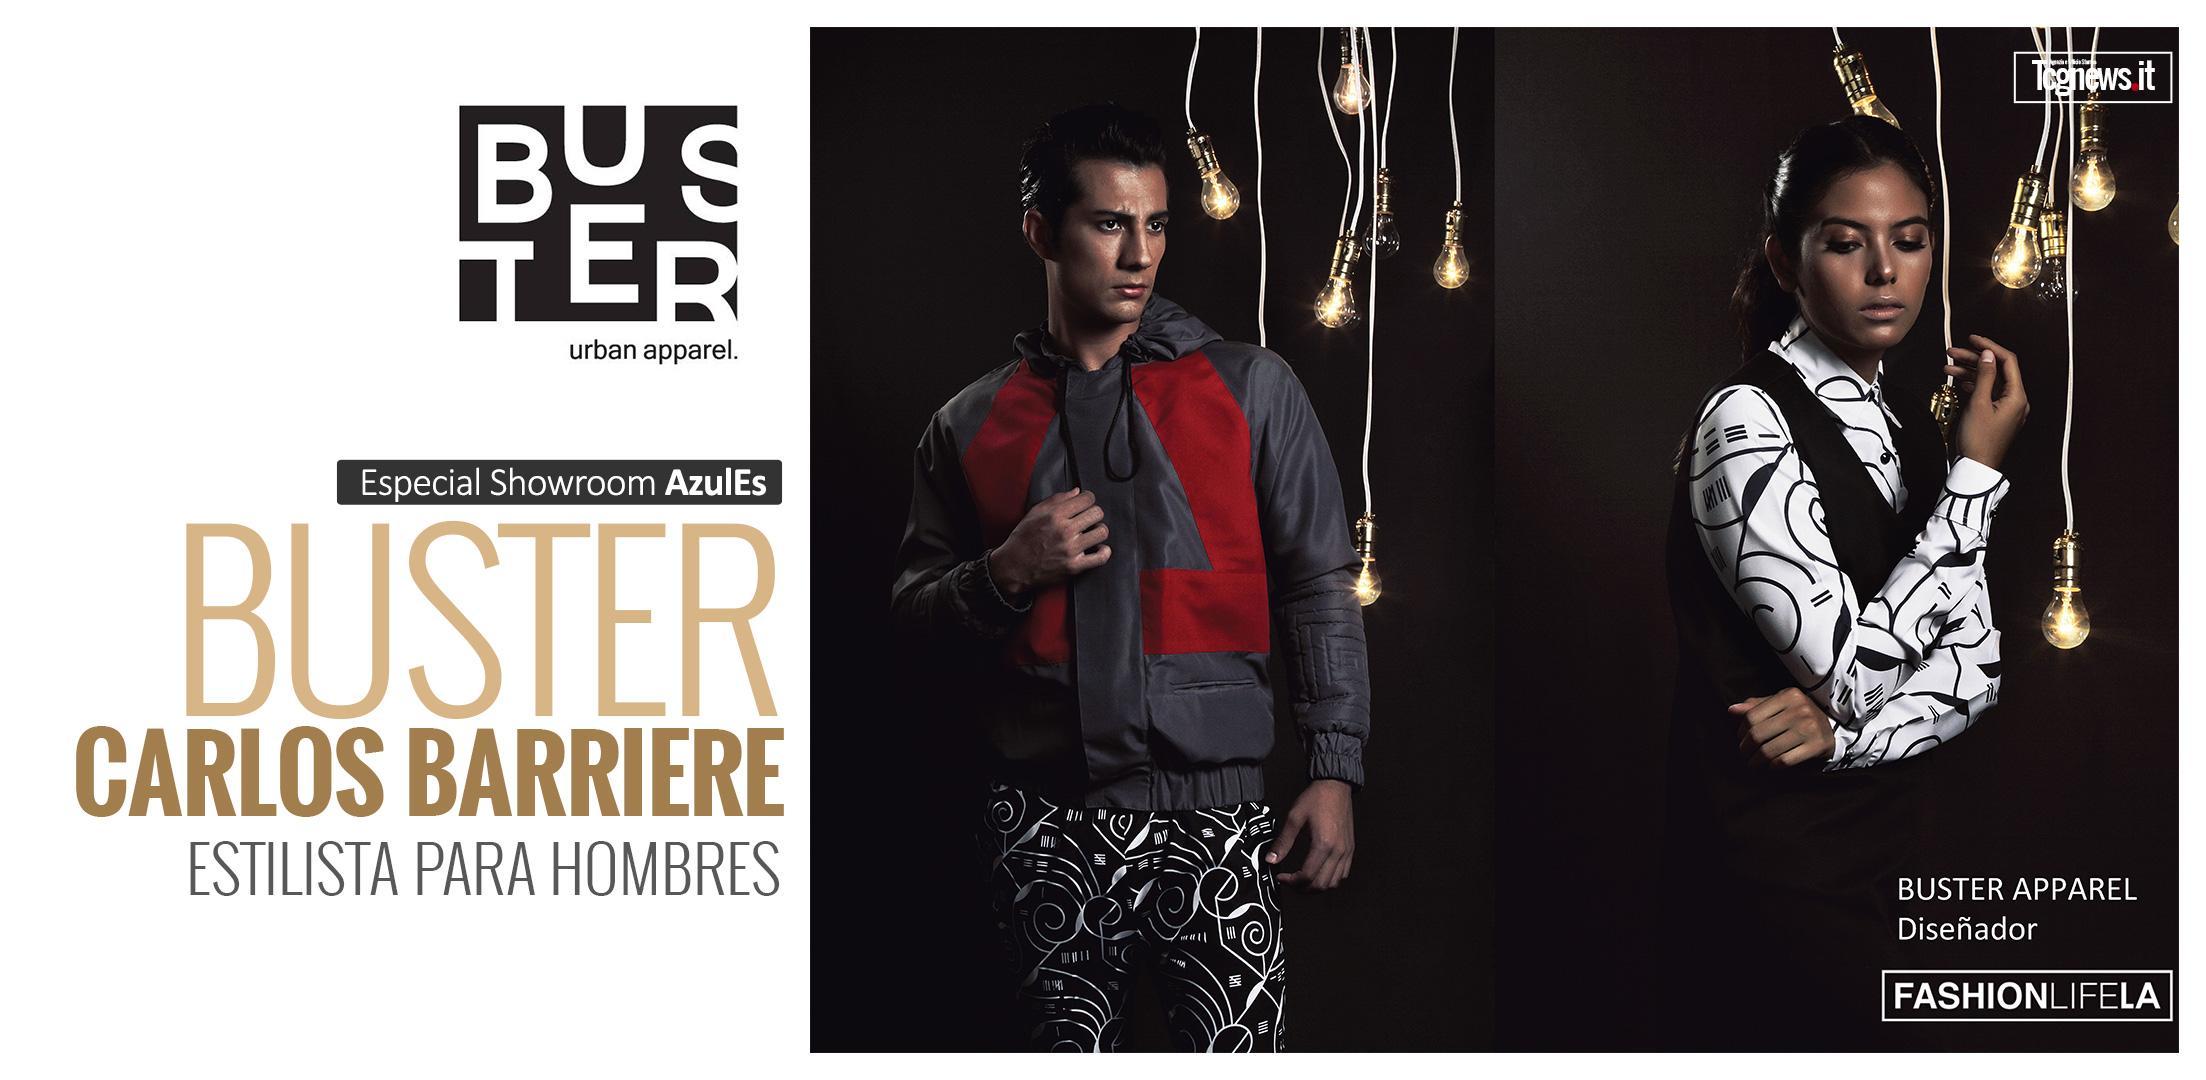 BUSTER / CARLOS BARRIERE: Estilista para hombres